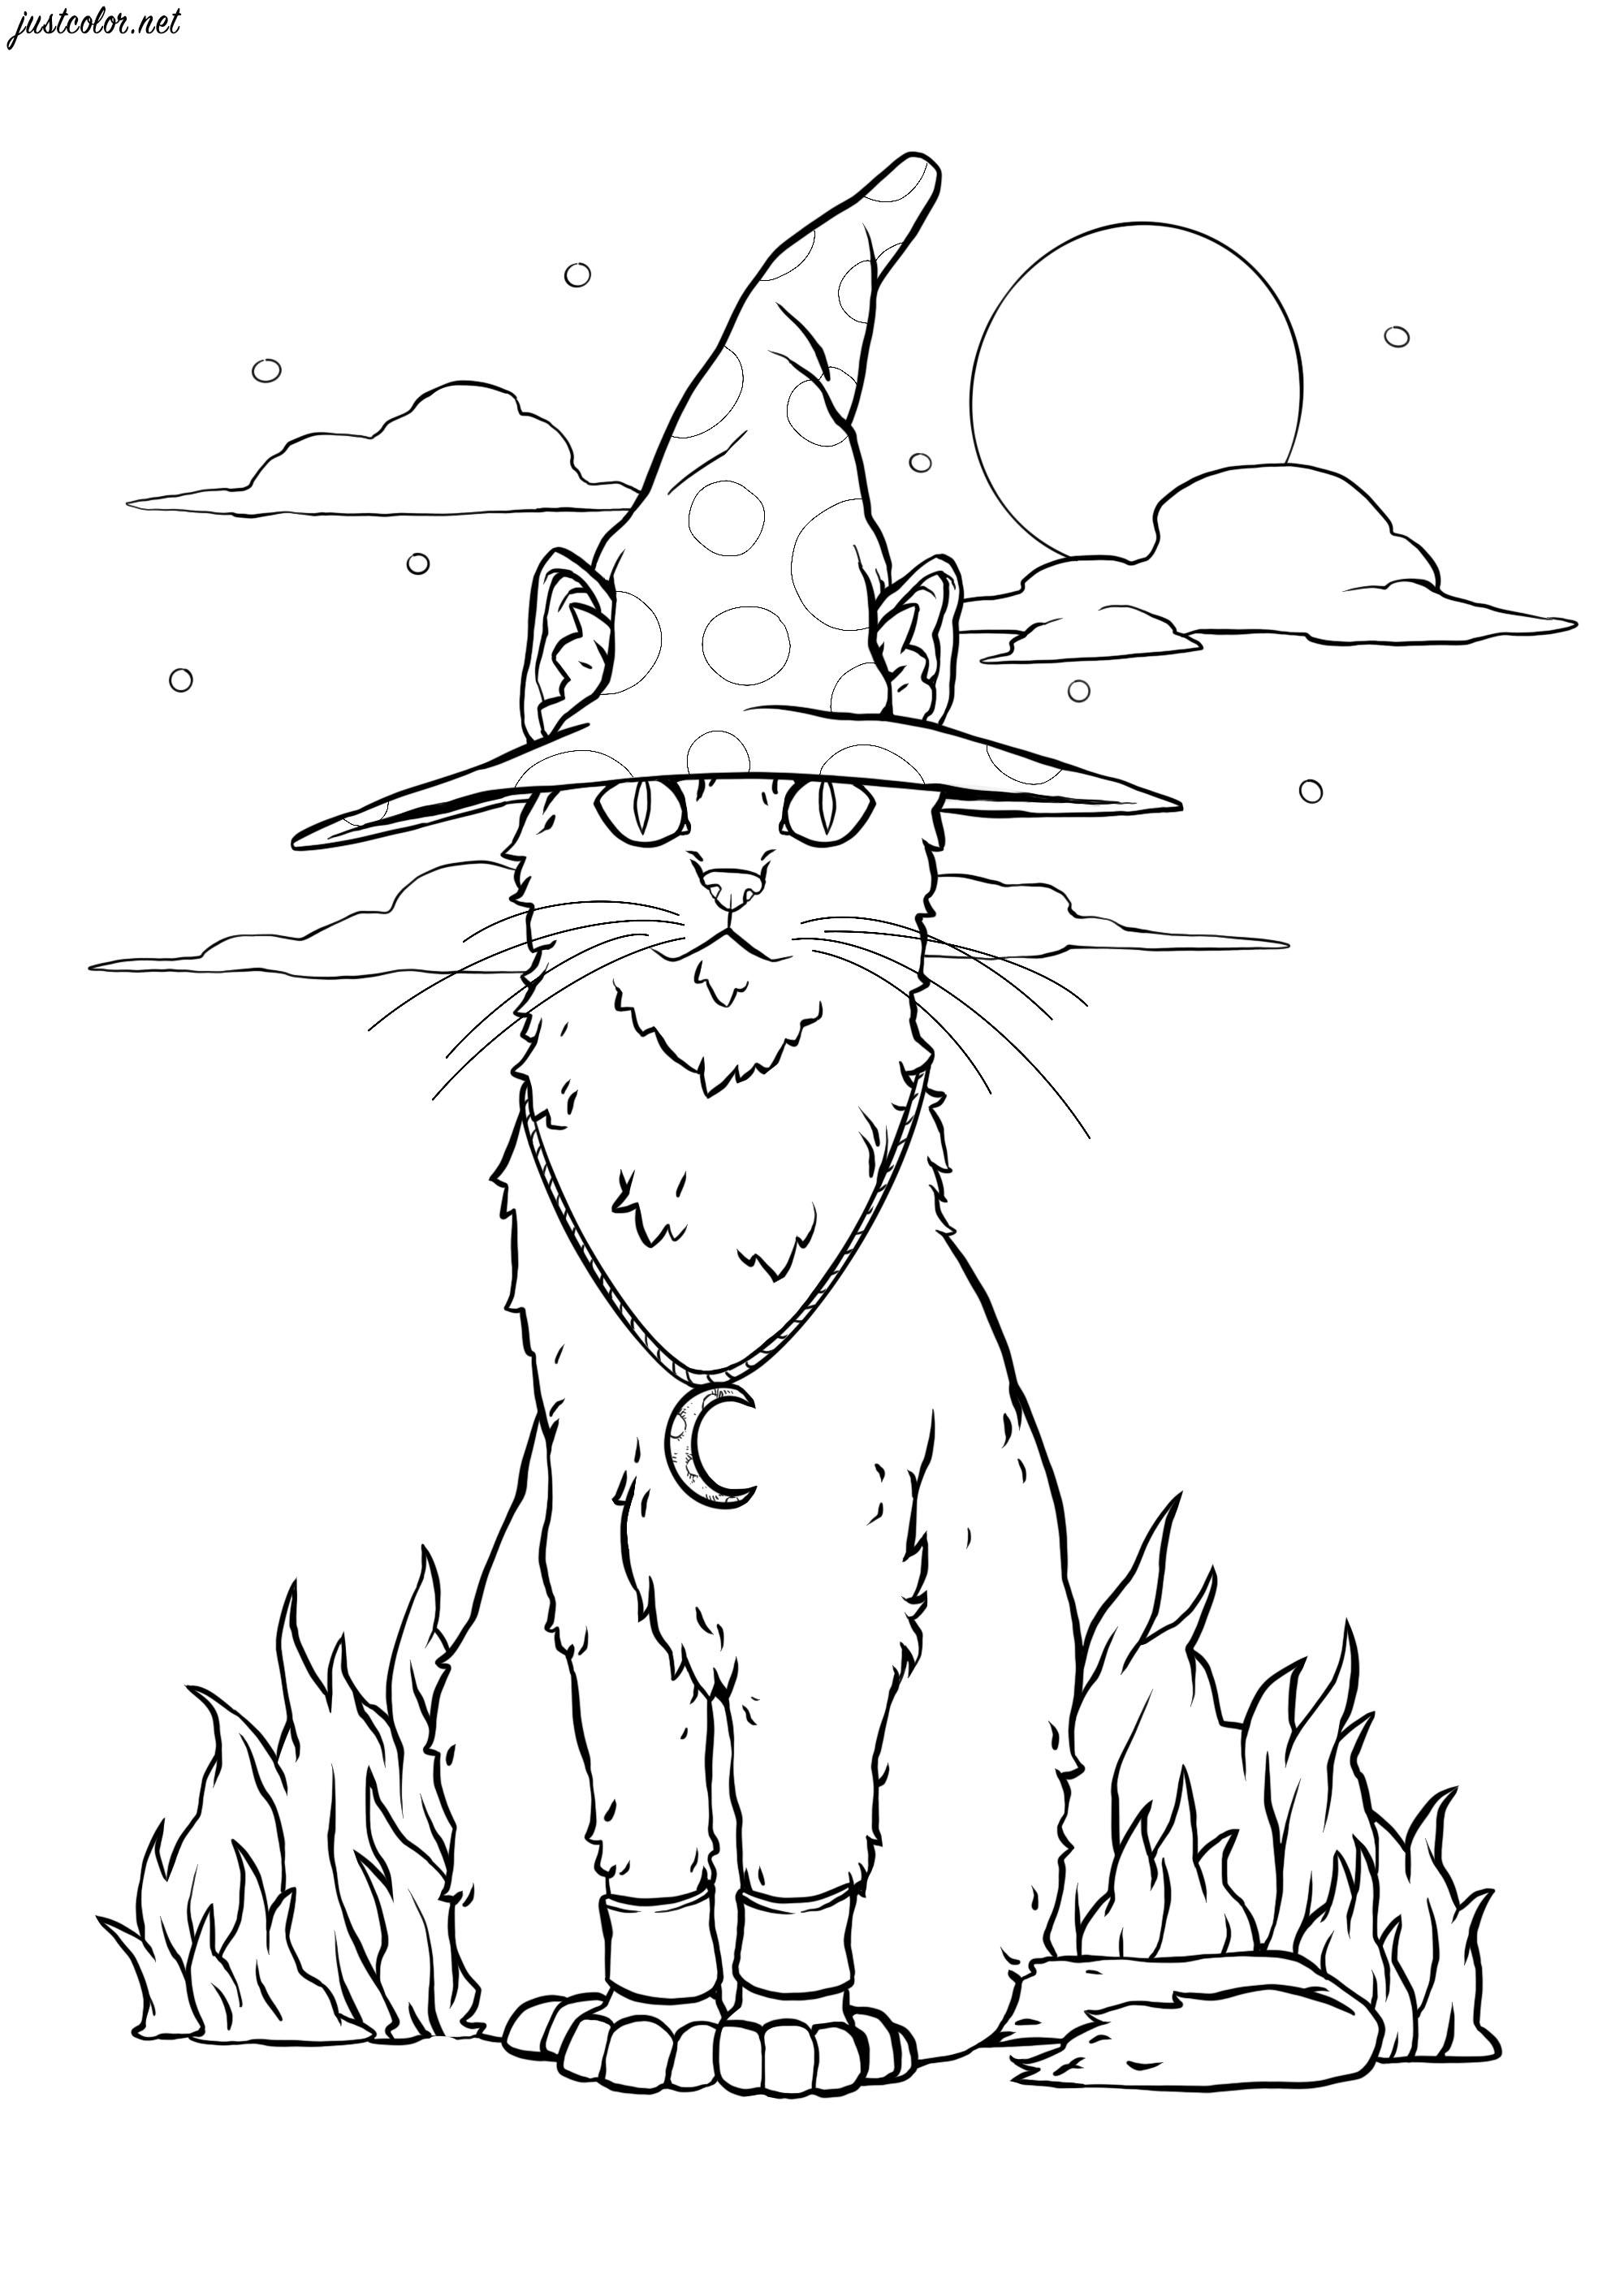 Un chat magique au clair de lune, où est sa sorcière ?